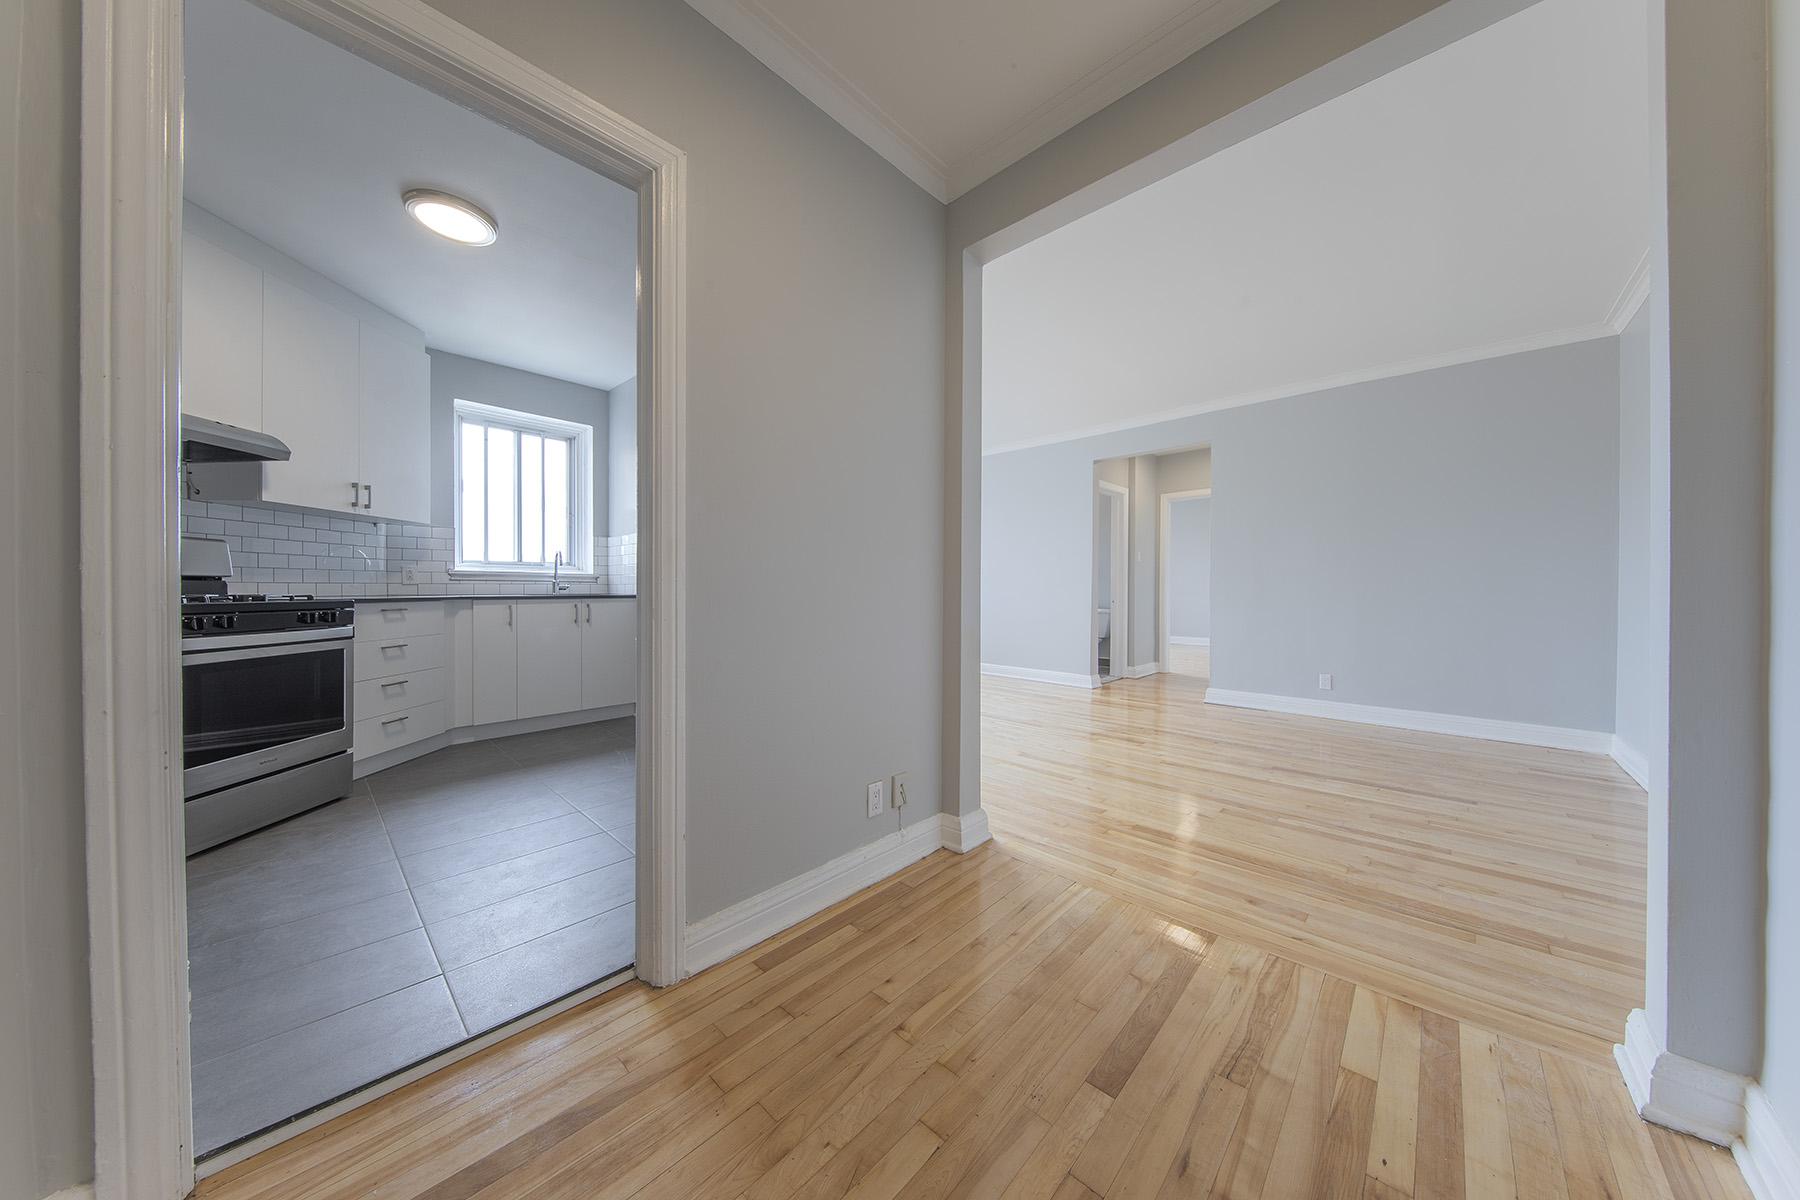 Appartement Studio / Bachelor a louer à Notre-Dame-de-Grâce a 6325 Somerled - Photo 04 - TrouveUnAppart – L401539